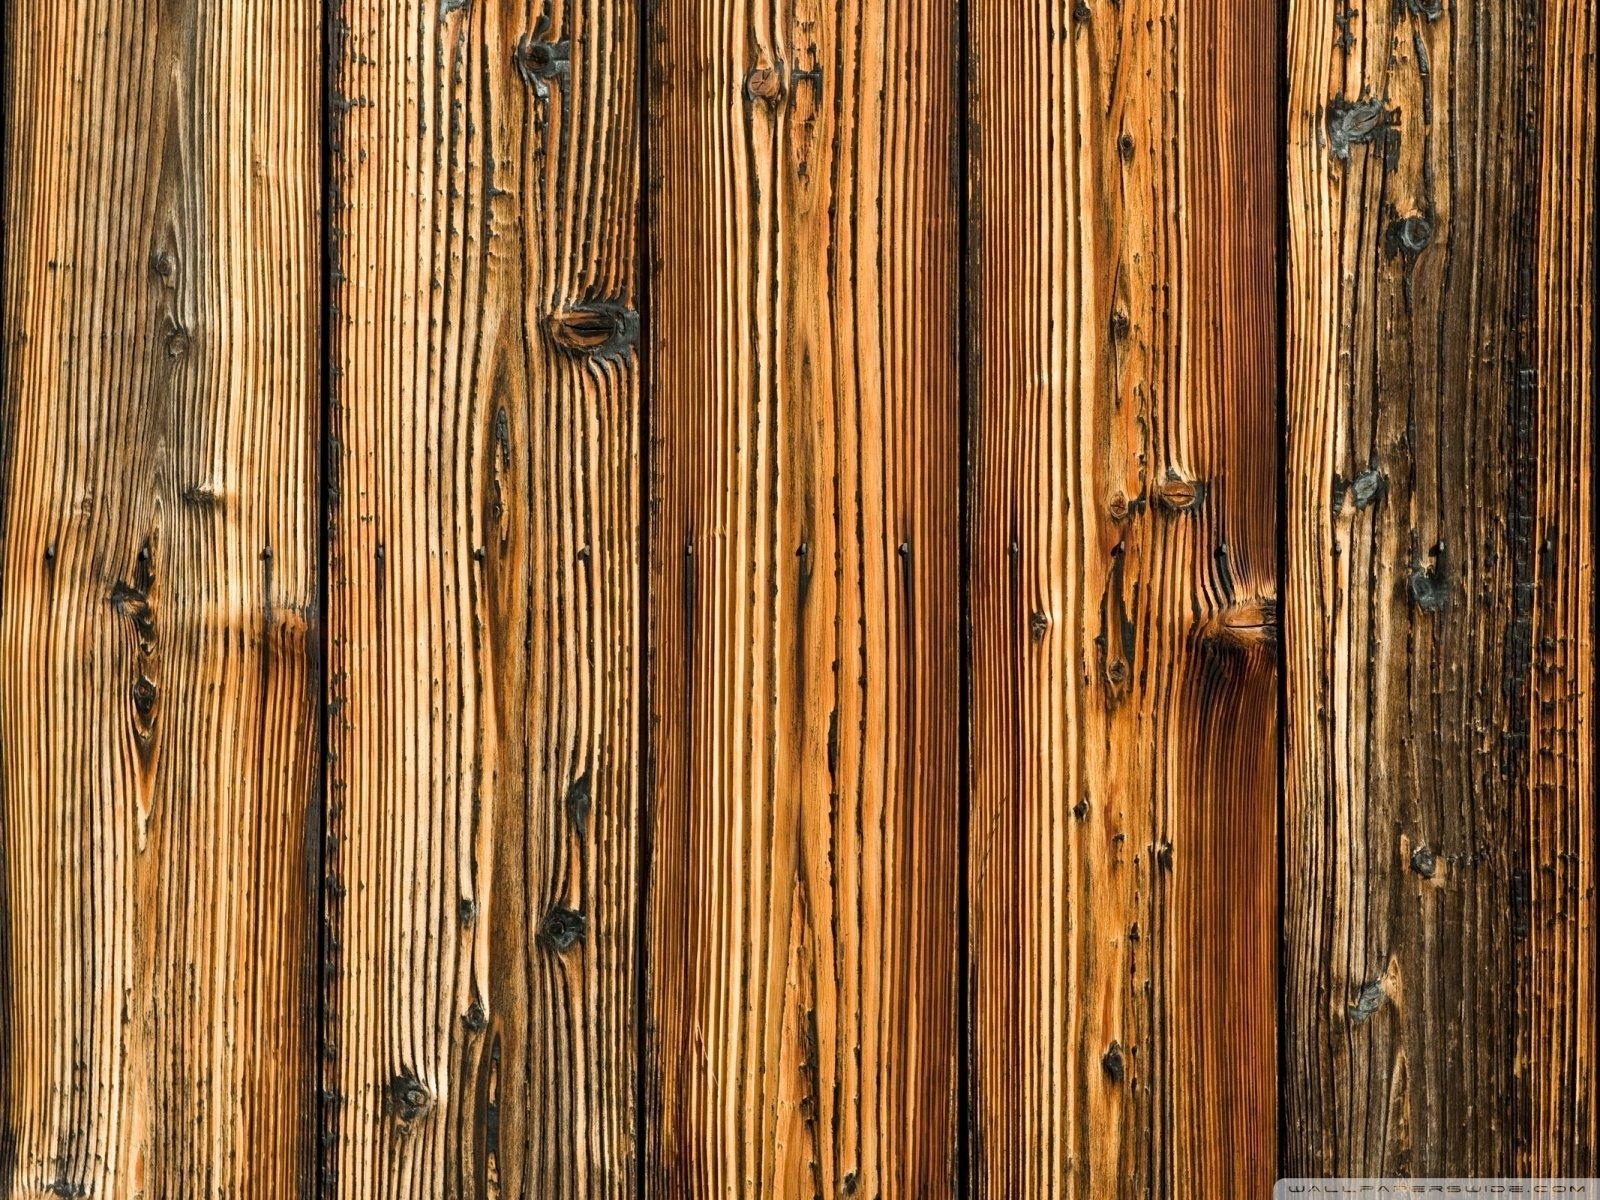 Hd wallpaper wood - Hd Wallpaper Background Id 437568 1600x1200 Pattern Wood